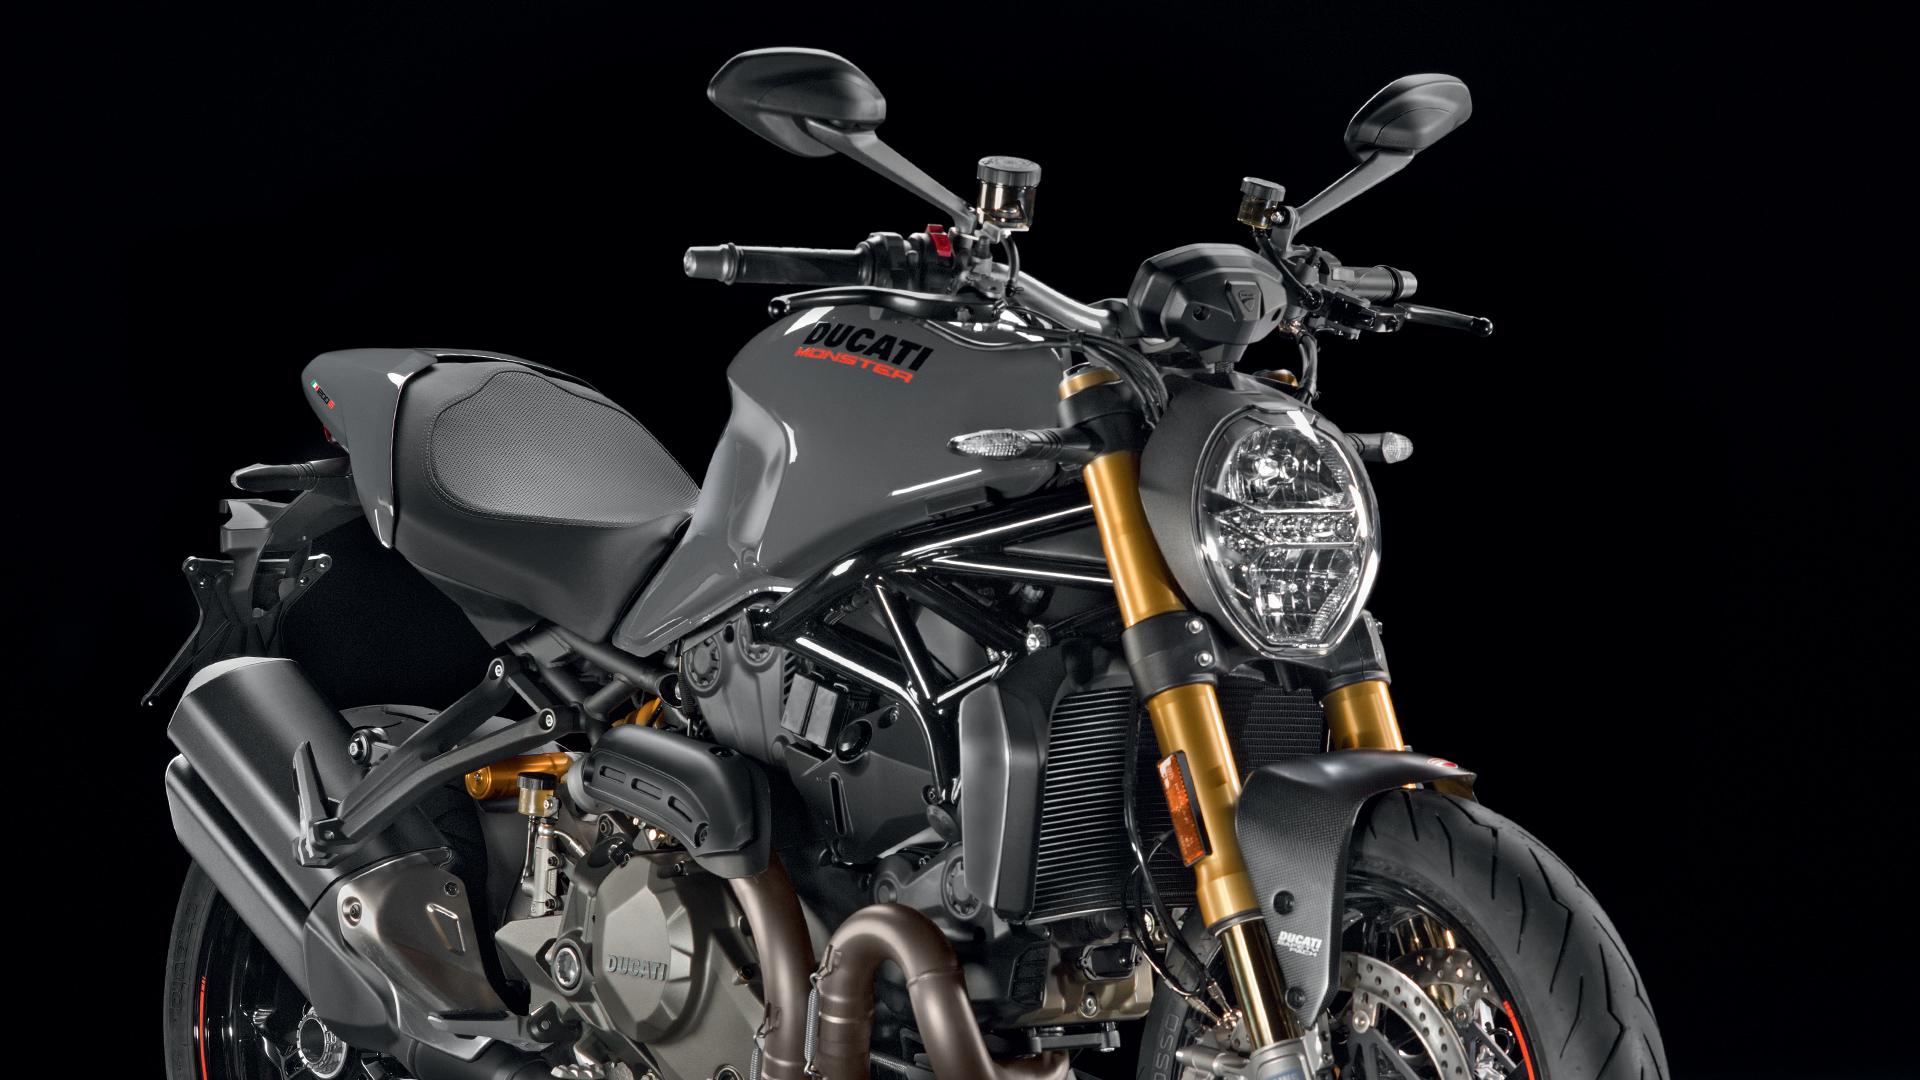 Ducati Monster 1200 Unverkleidet Und Hochleistungsfhig S4r Wiring Harness Interview Mit Giovanni Antonacci Designer Das Design Der